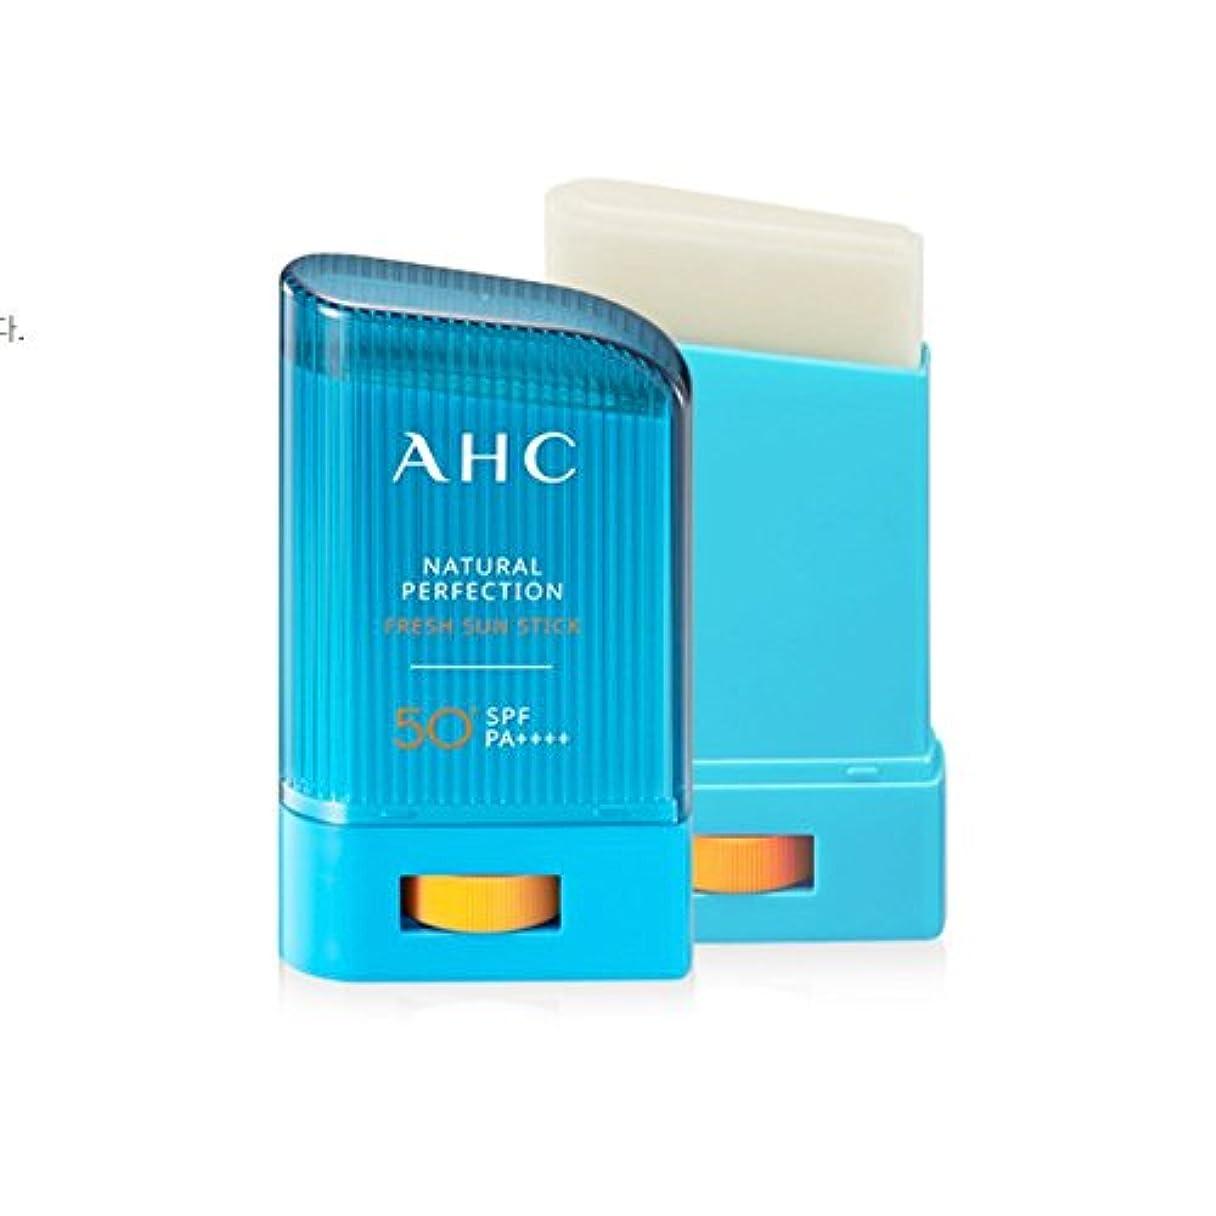 退却請求書オペラ2018年(Renewal) AHC ナチュラル サン スティック 22g/AHC Natural perfection fresh sun stick (22g) [並行輸入品]